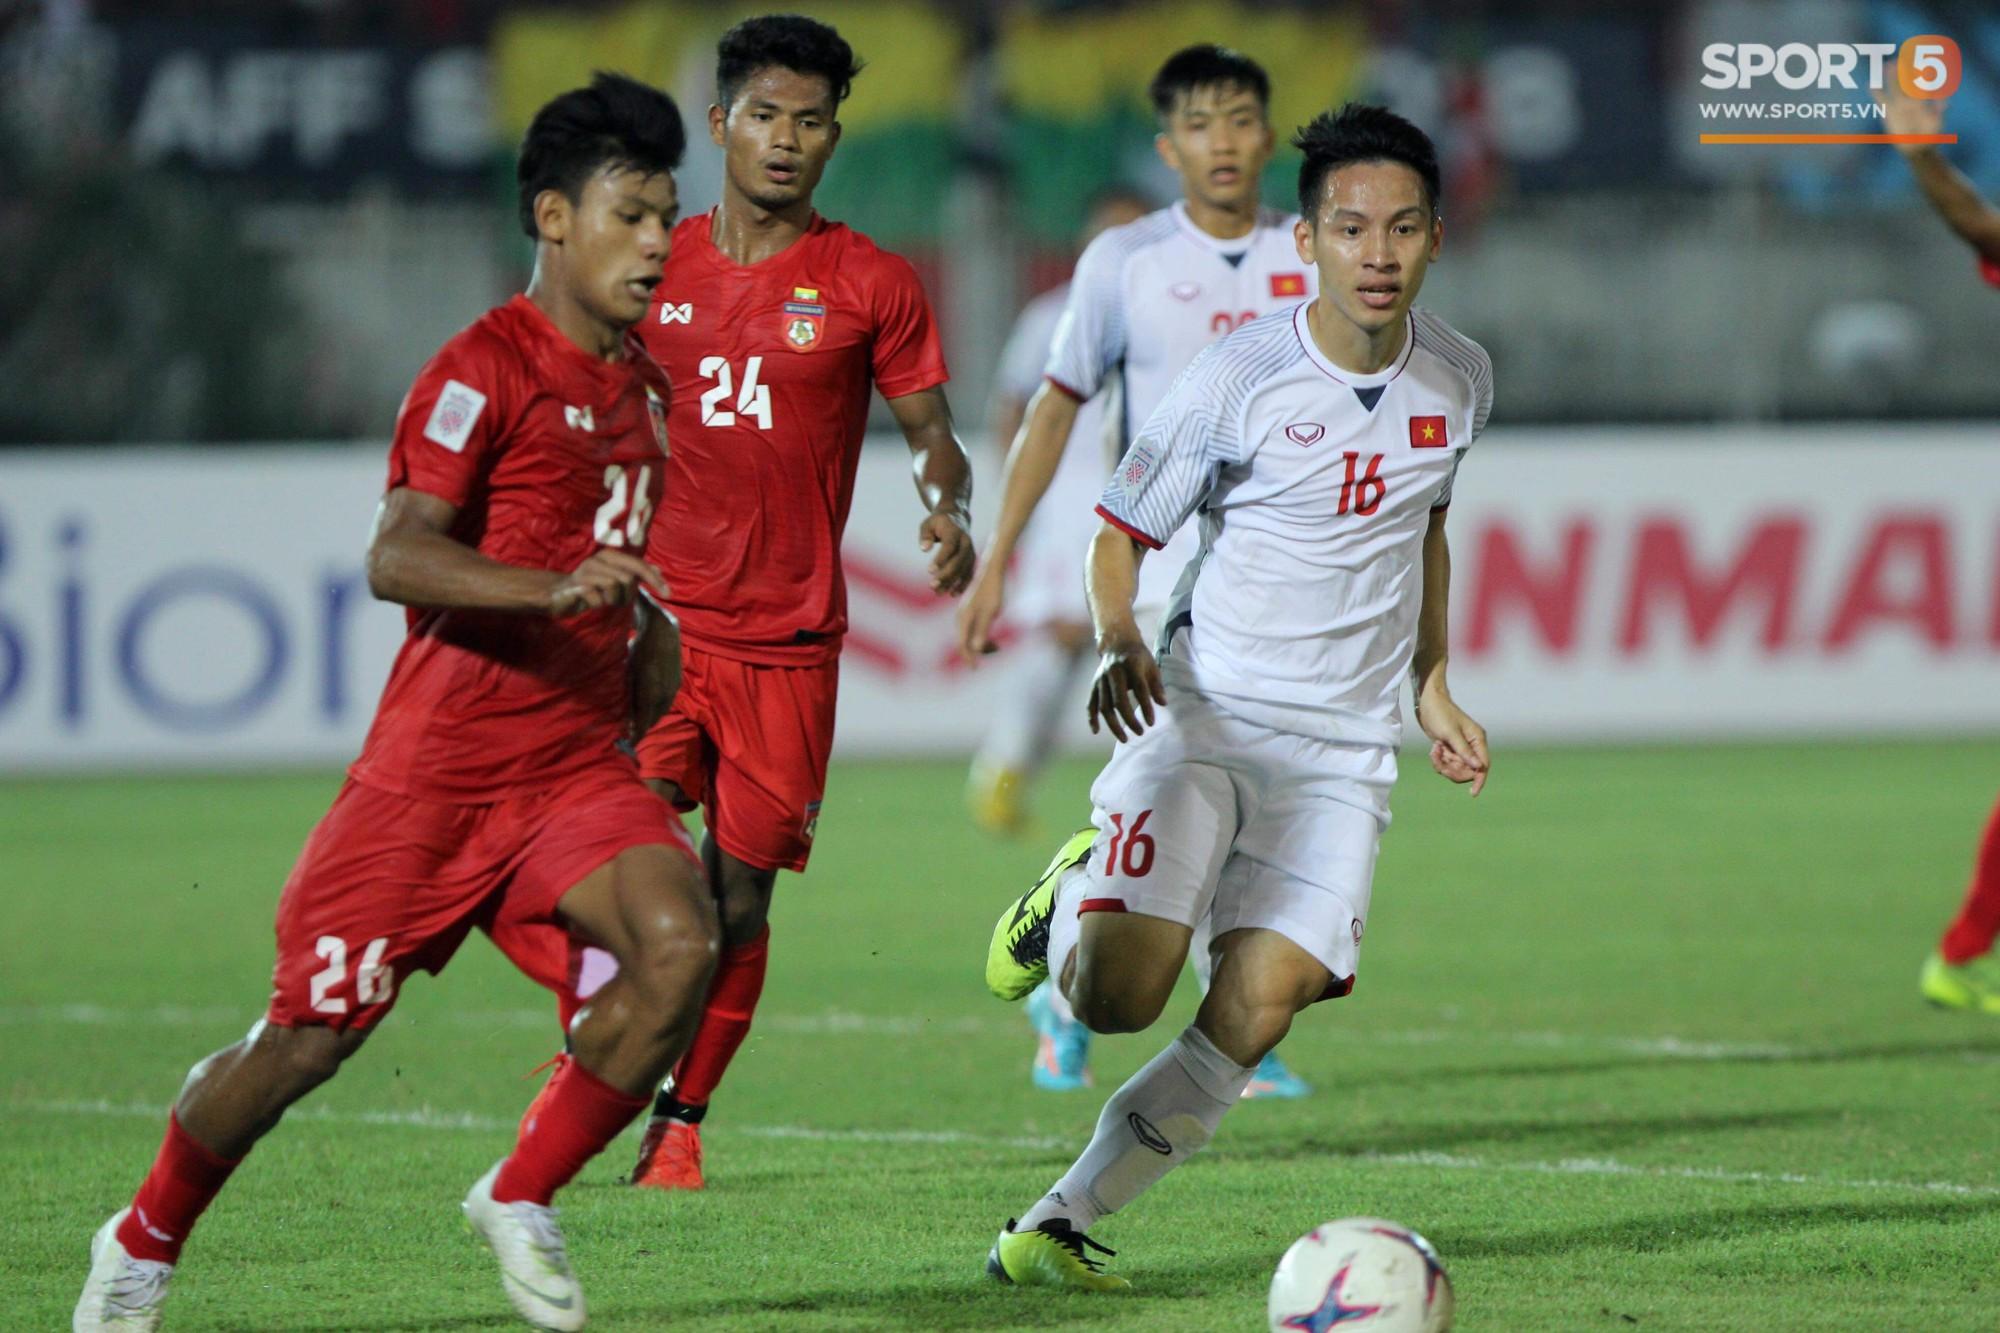 Trọng tài Thái Lan cướp bàn thắng của Việt Nam trước Myanmar - Ảnh 5.